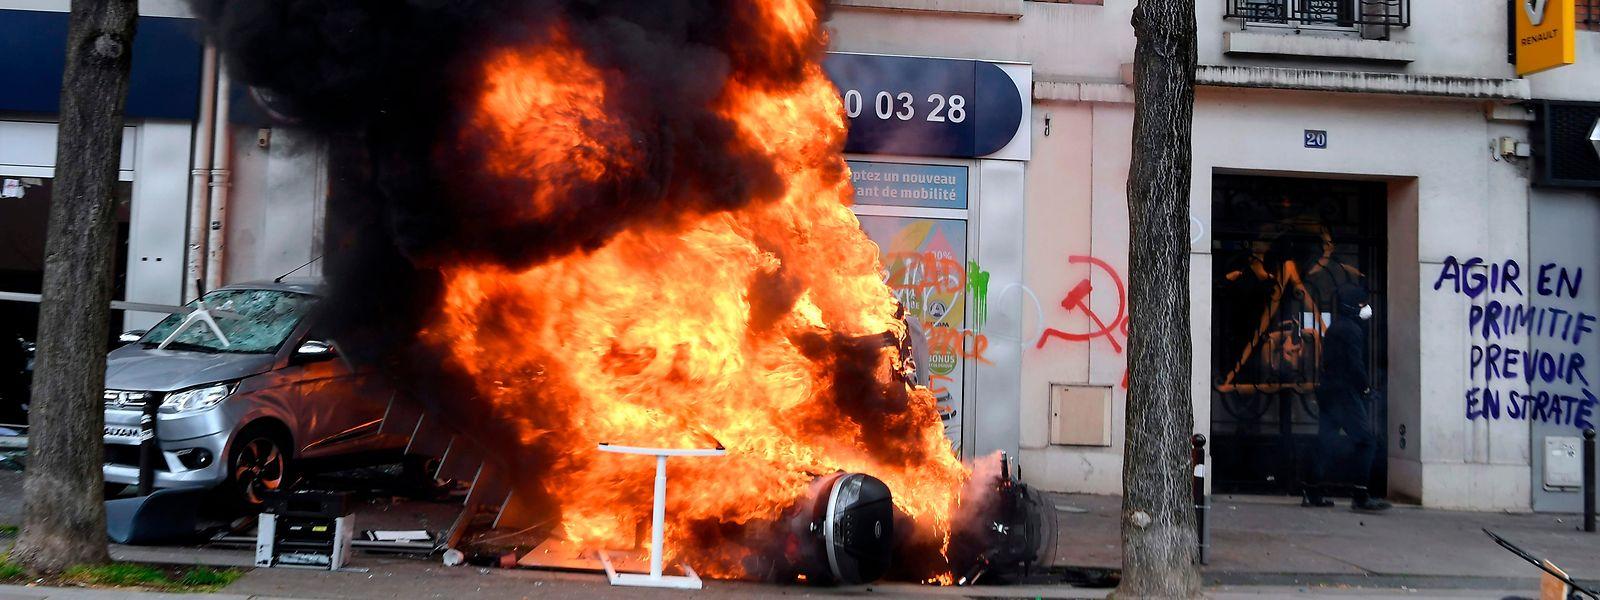 Brennende Autos, zerstörte Geschäfte: Unschöne Bilder am Rande der ansonsten friedlichen Maidemos in Paris.